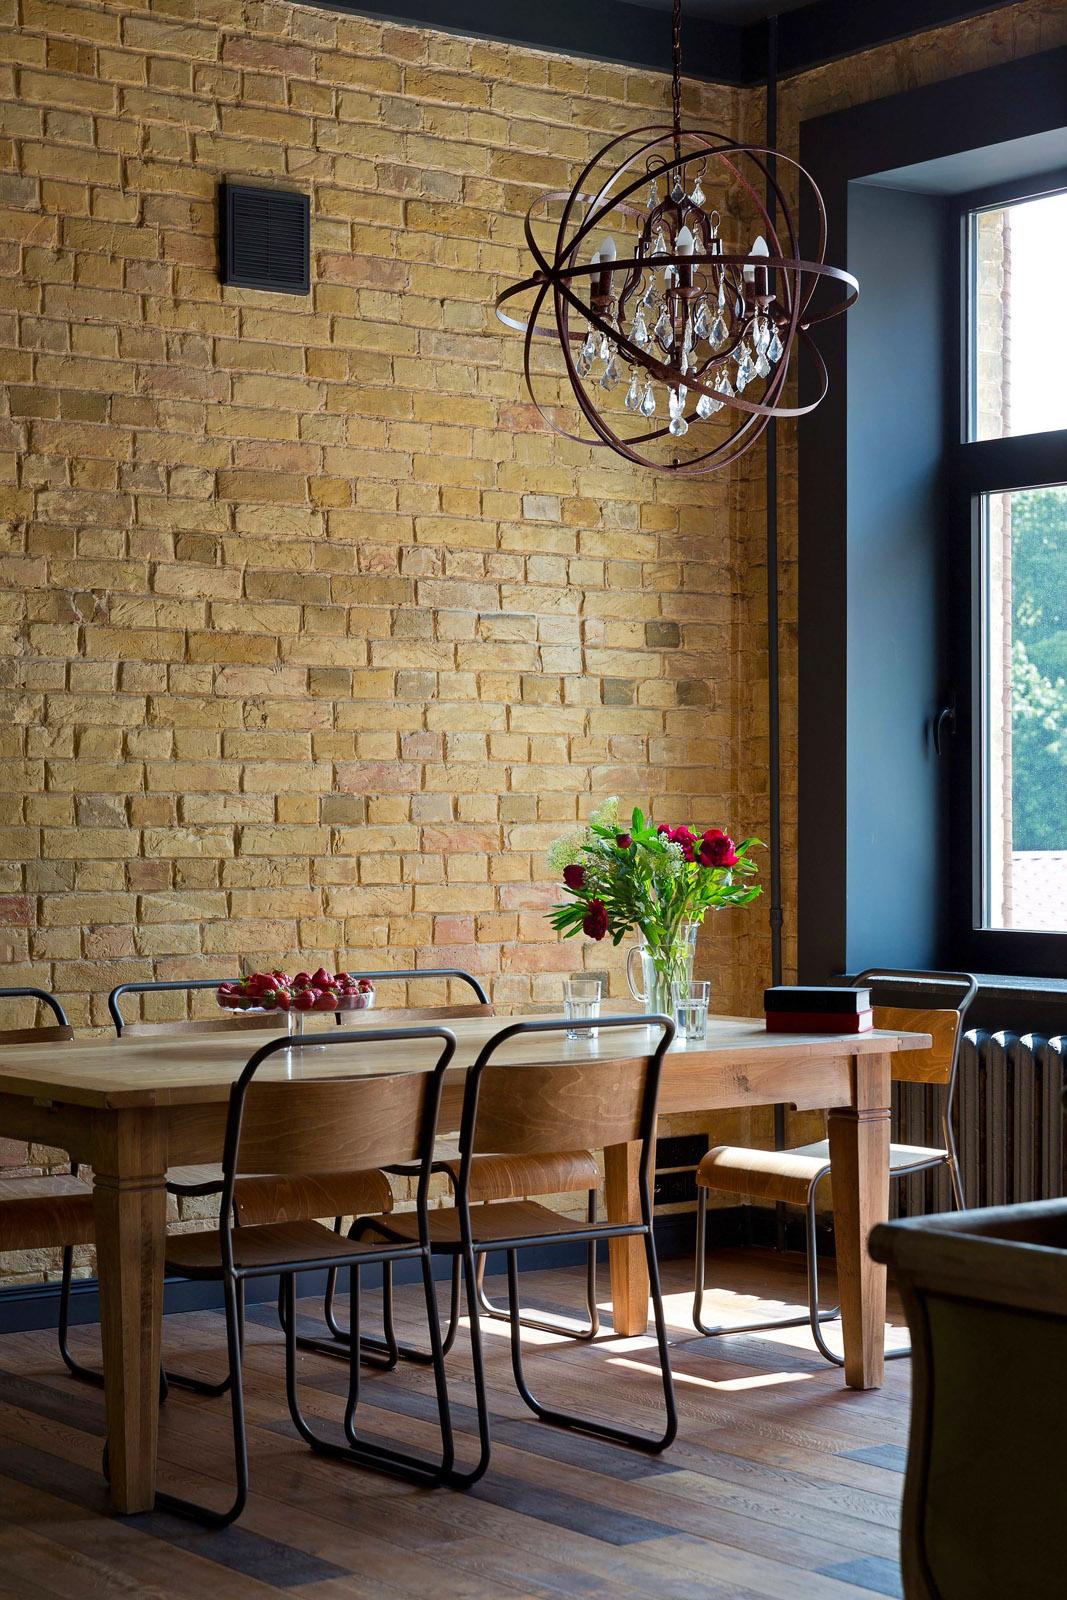 Дизайн столовой зоны в стиле лофт, фото